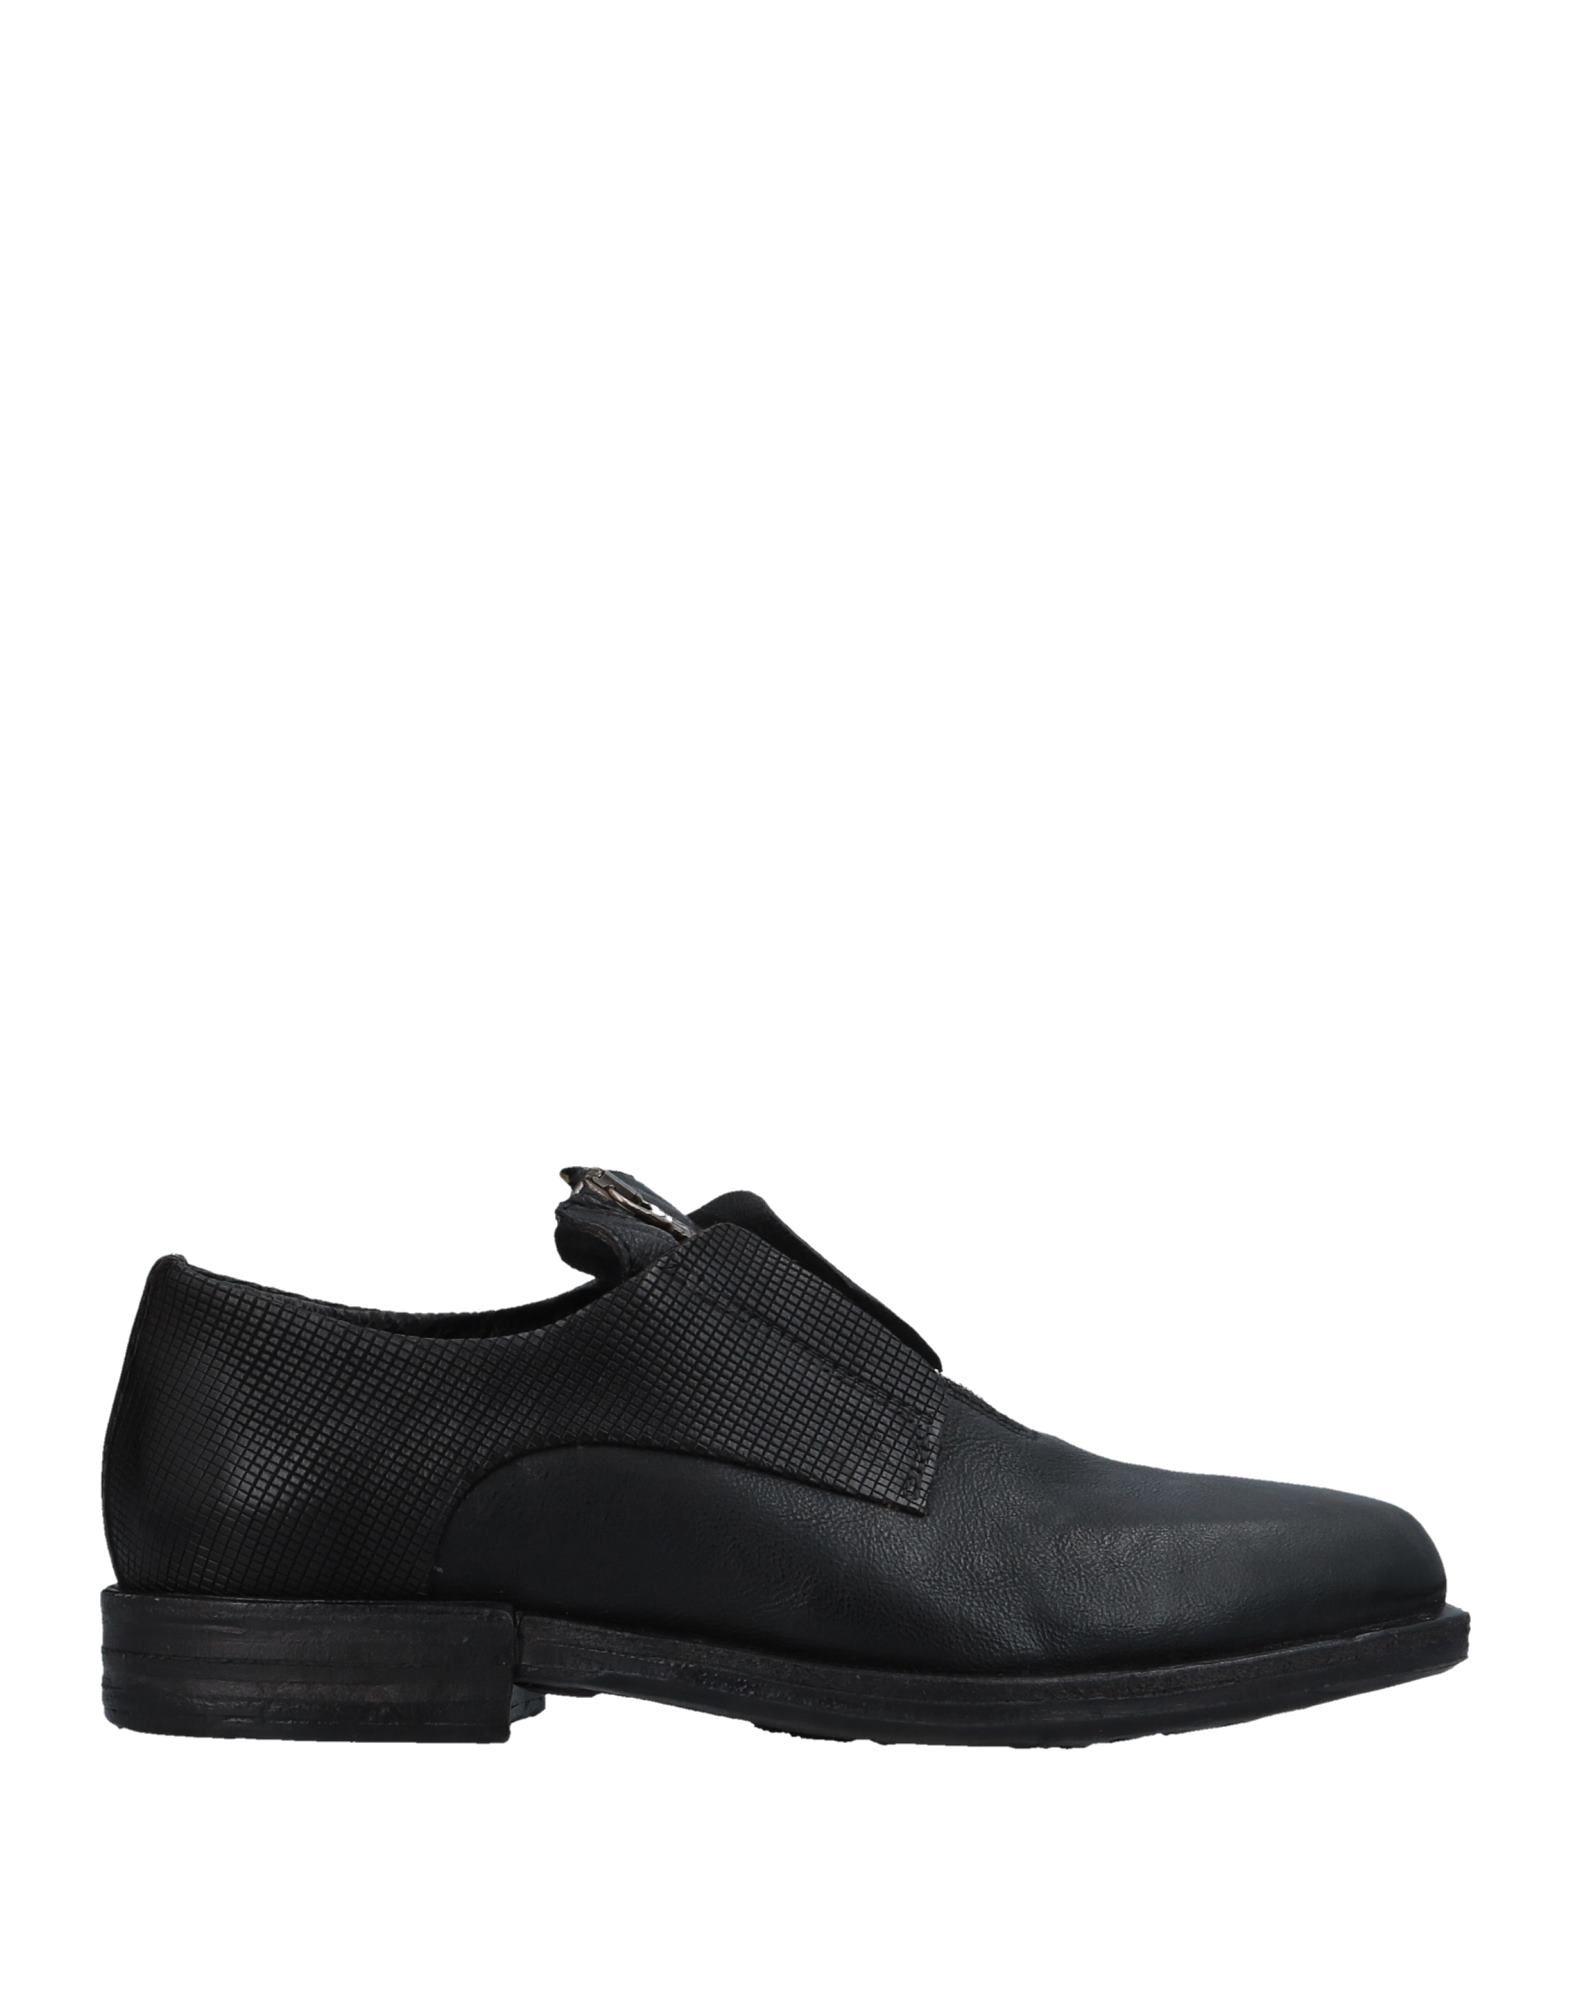 A.S. 98 Mokassins Damen  11512101JT Gute Qualität beliebte Schuhe